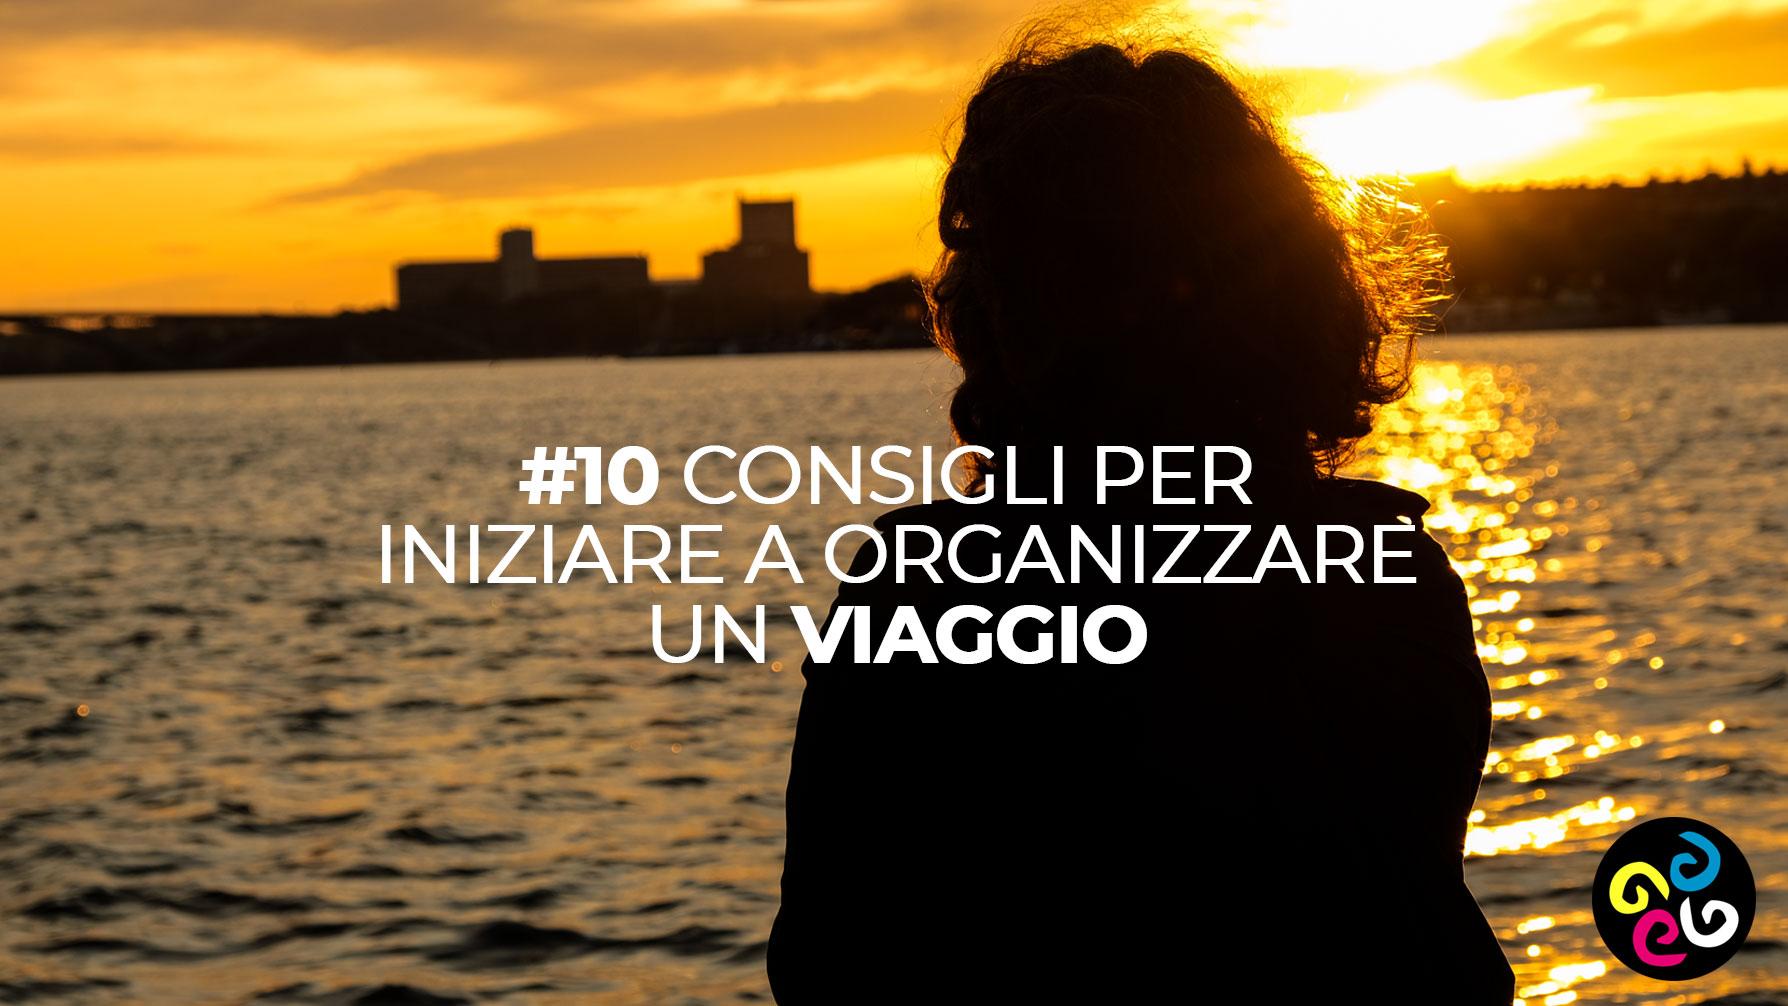 10-consigli-per-iniziare-a-organizzare-un-viaggio